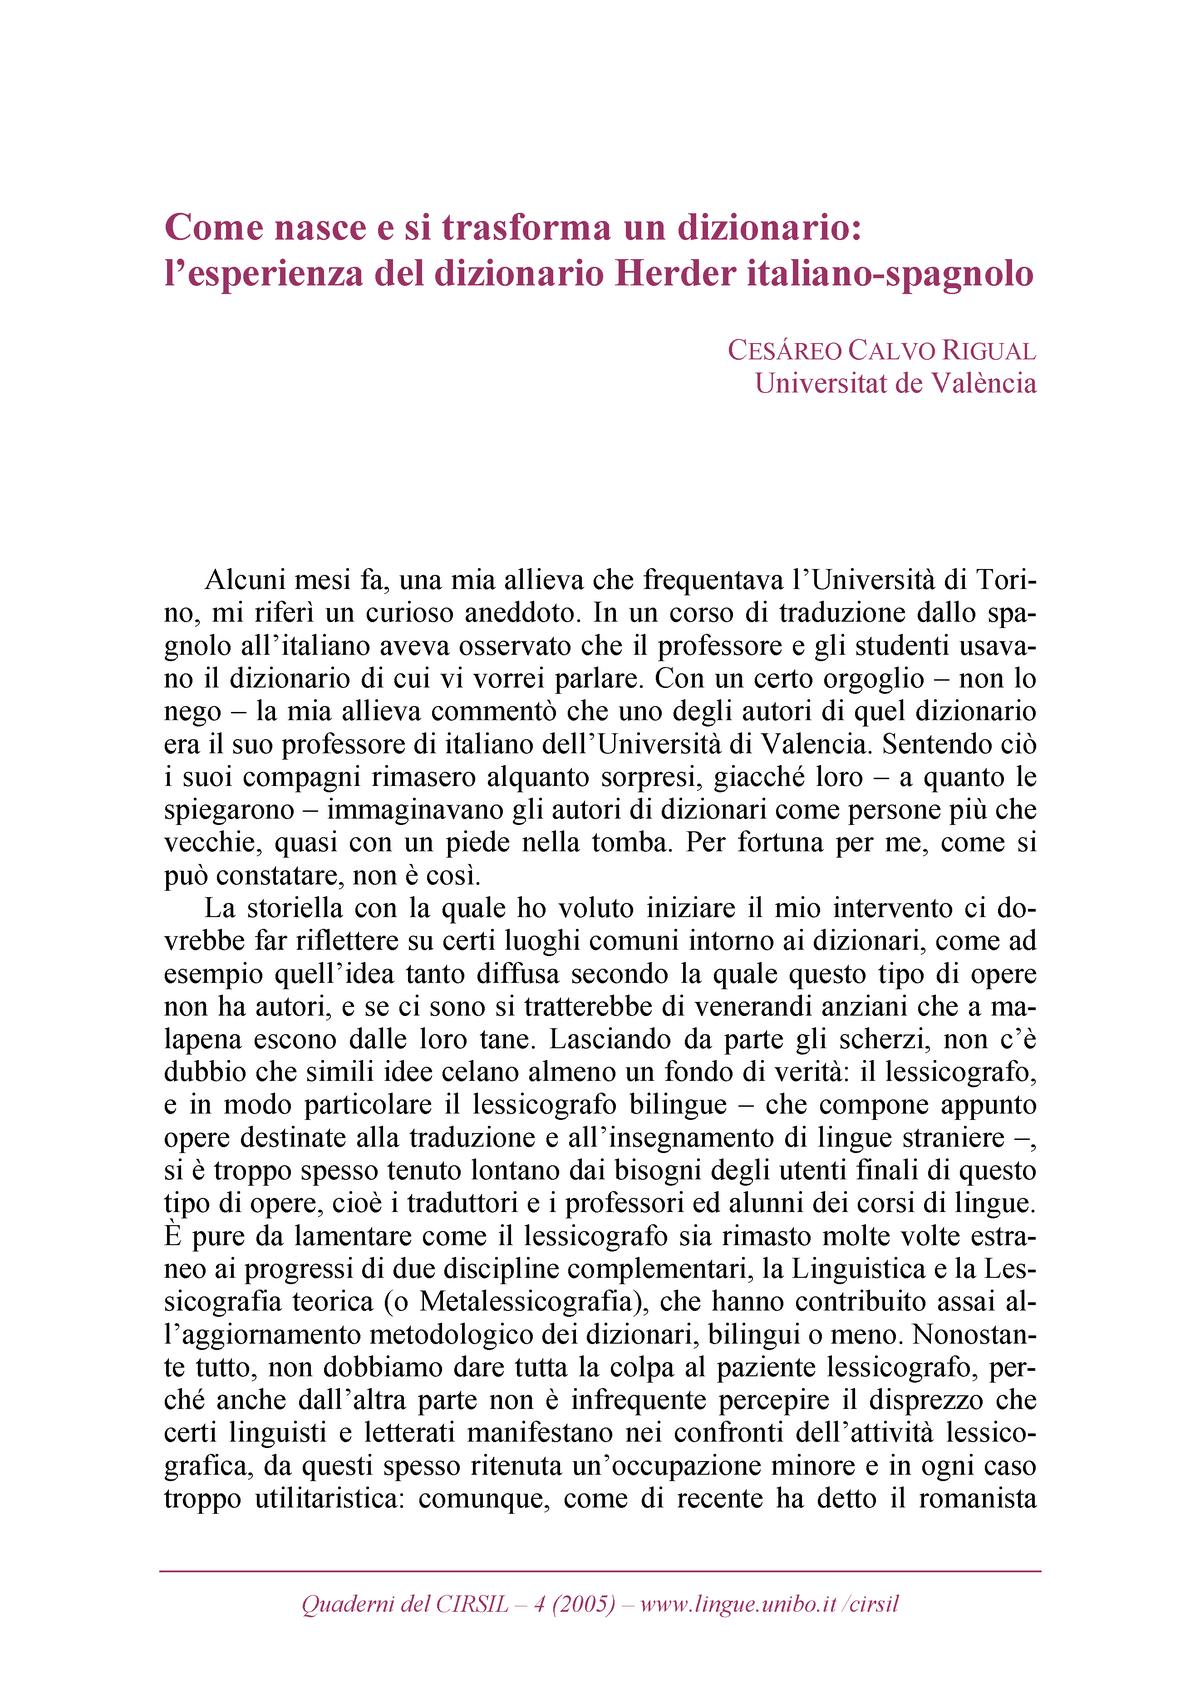 Come Nasce E Si Trasforma Un Dizionario 1005969 Unipr